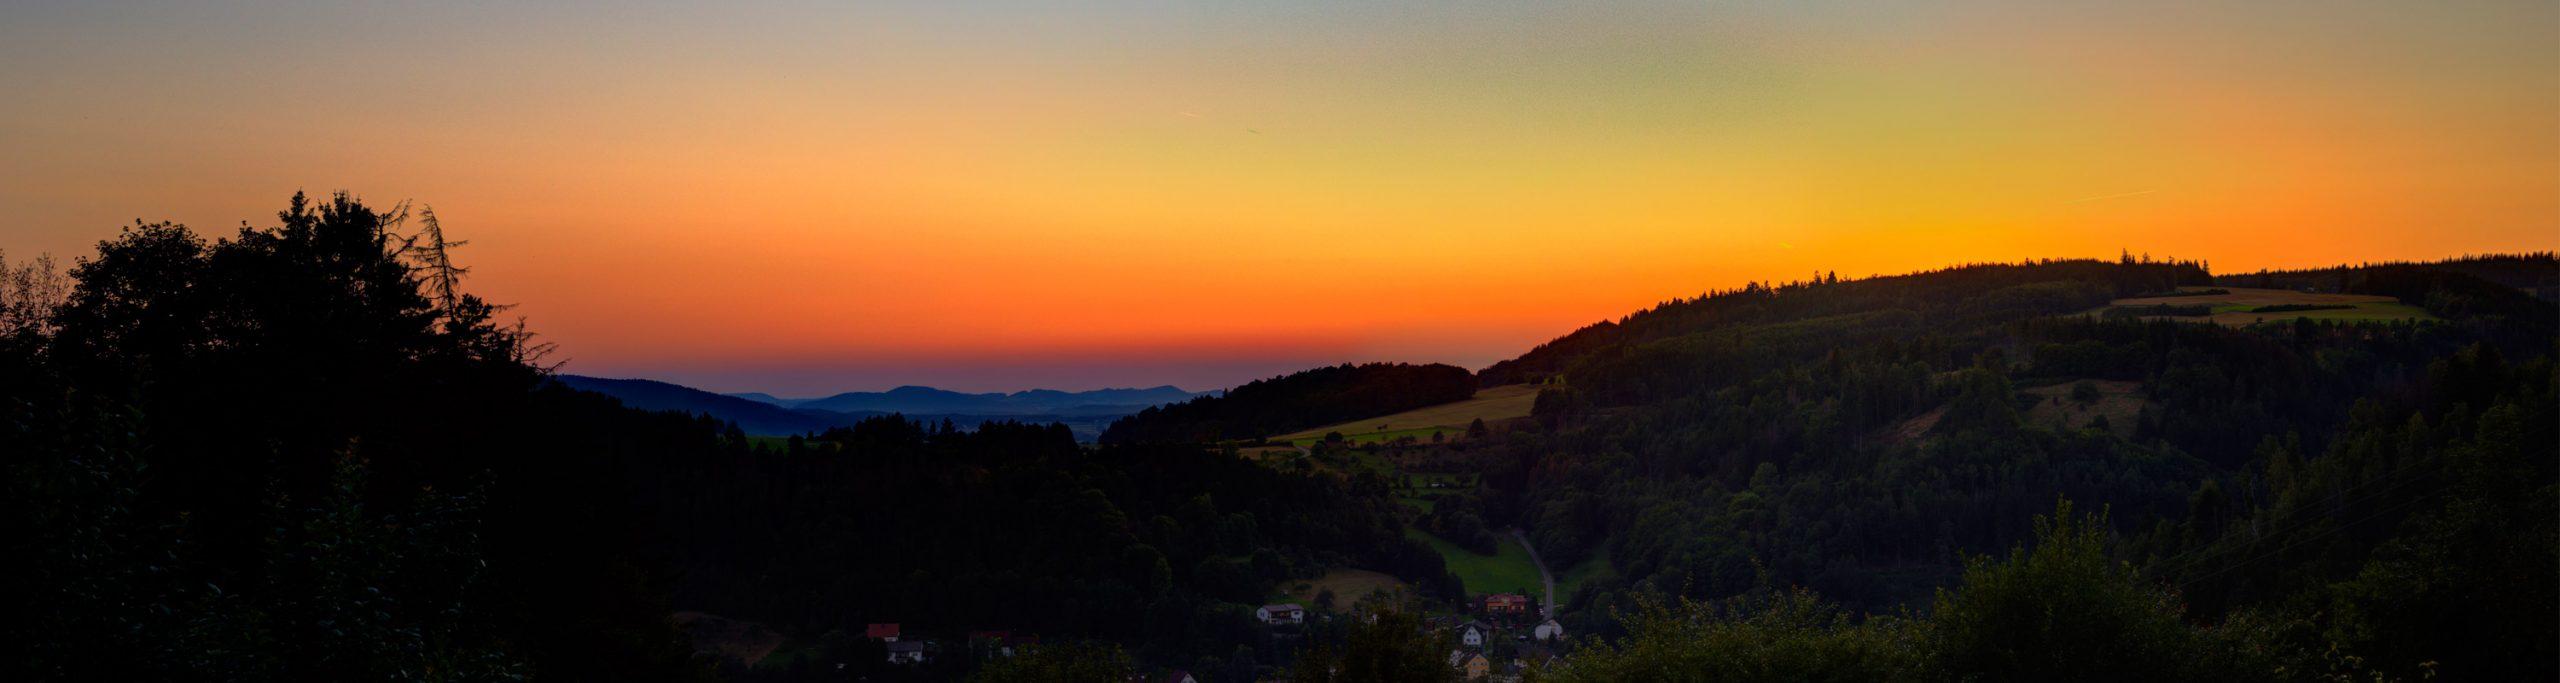 Panorama Sonnenuntergang Vom Gasthof Bauernhannla